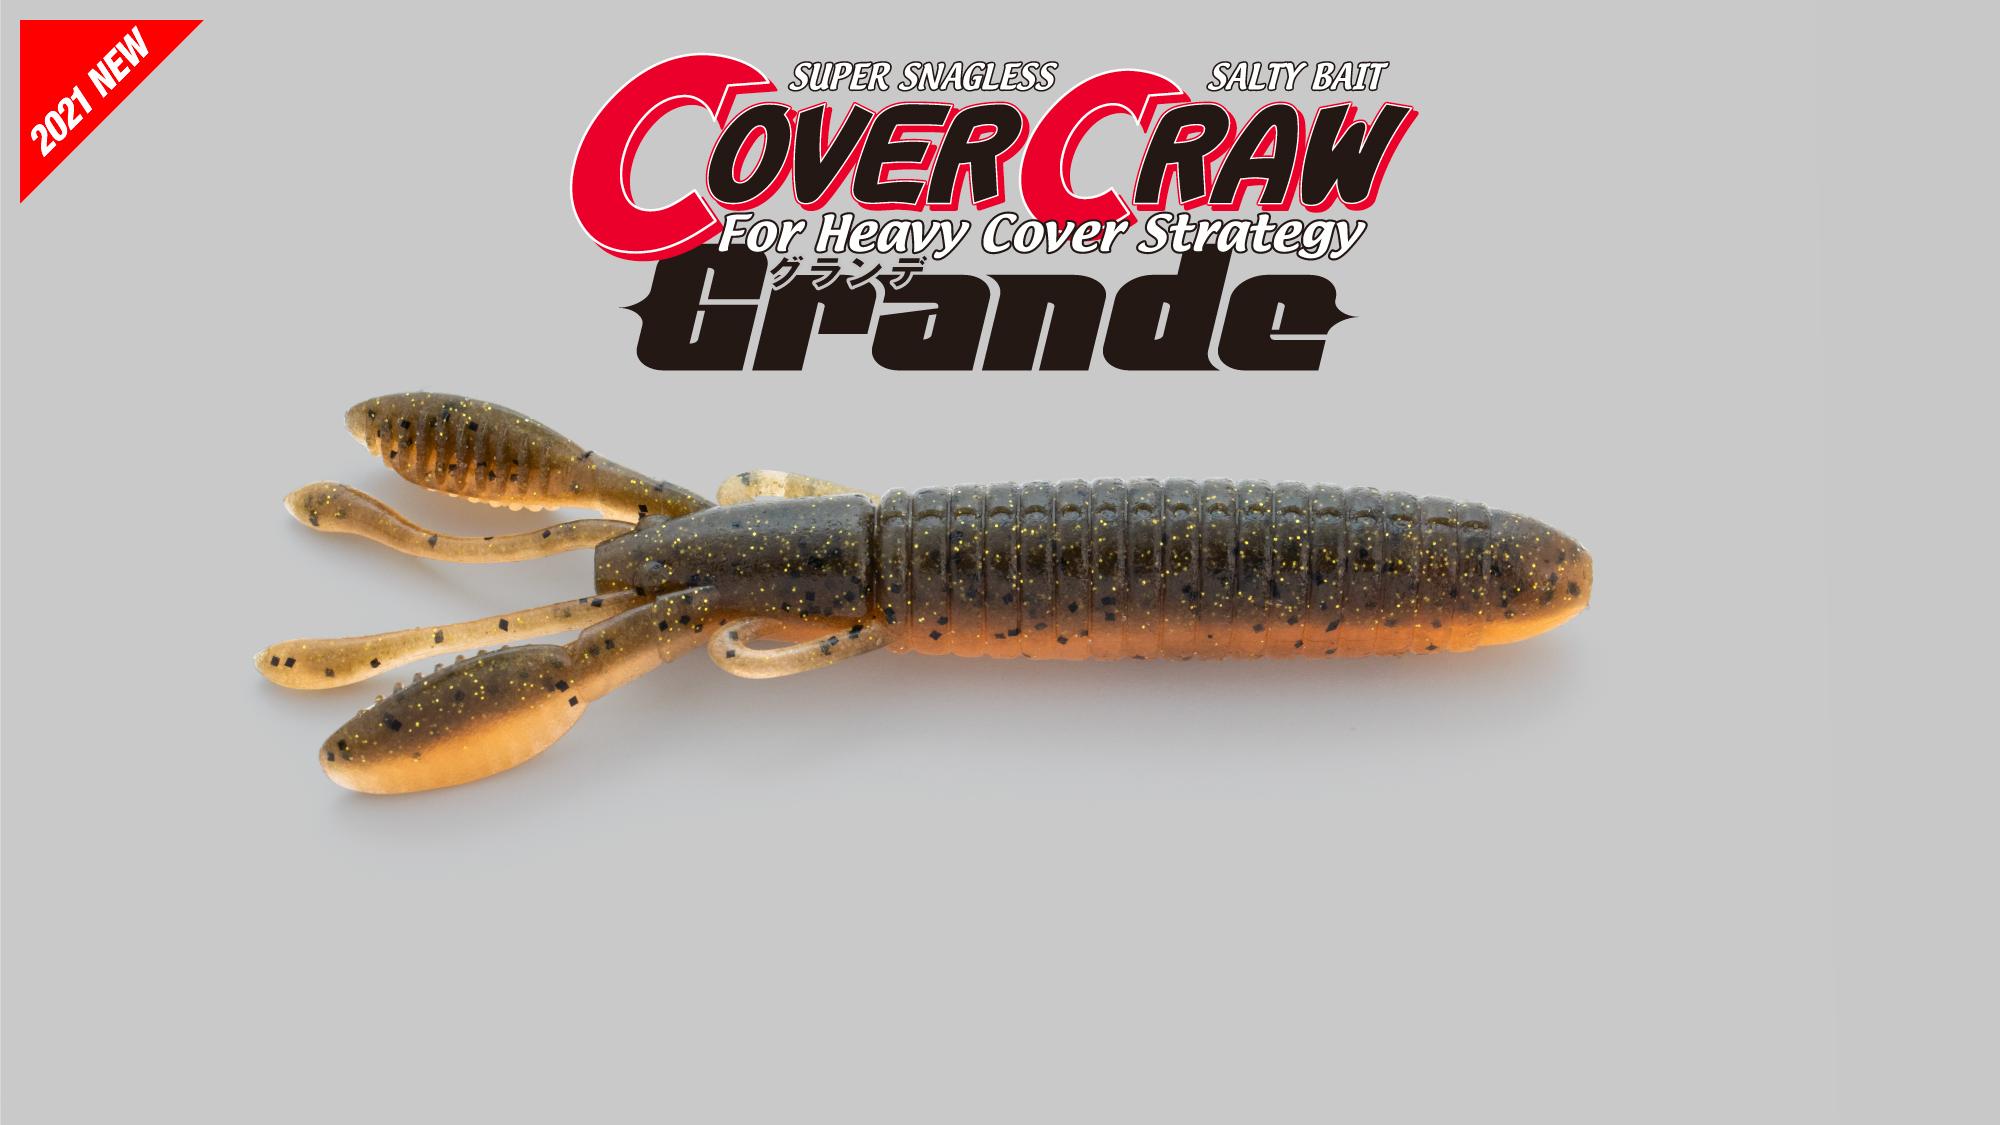 カバークロー COVER CRAW GRANDE / カバークローグランデ